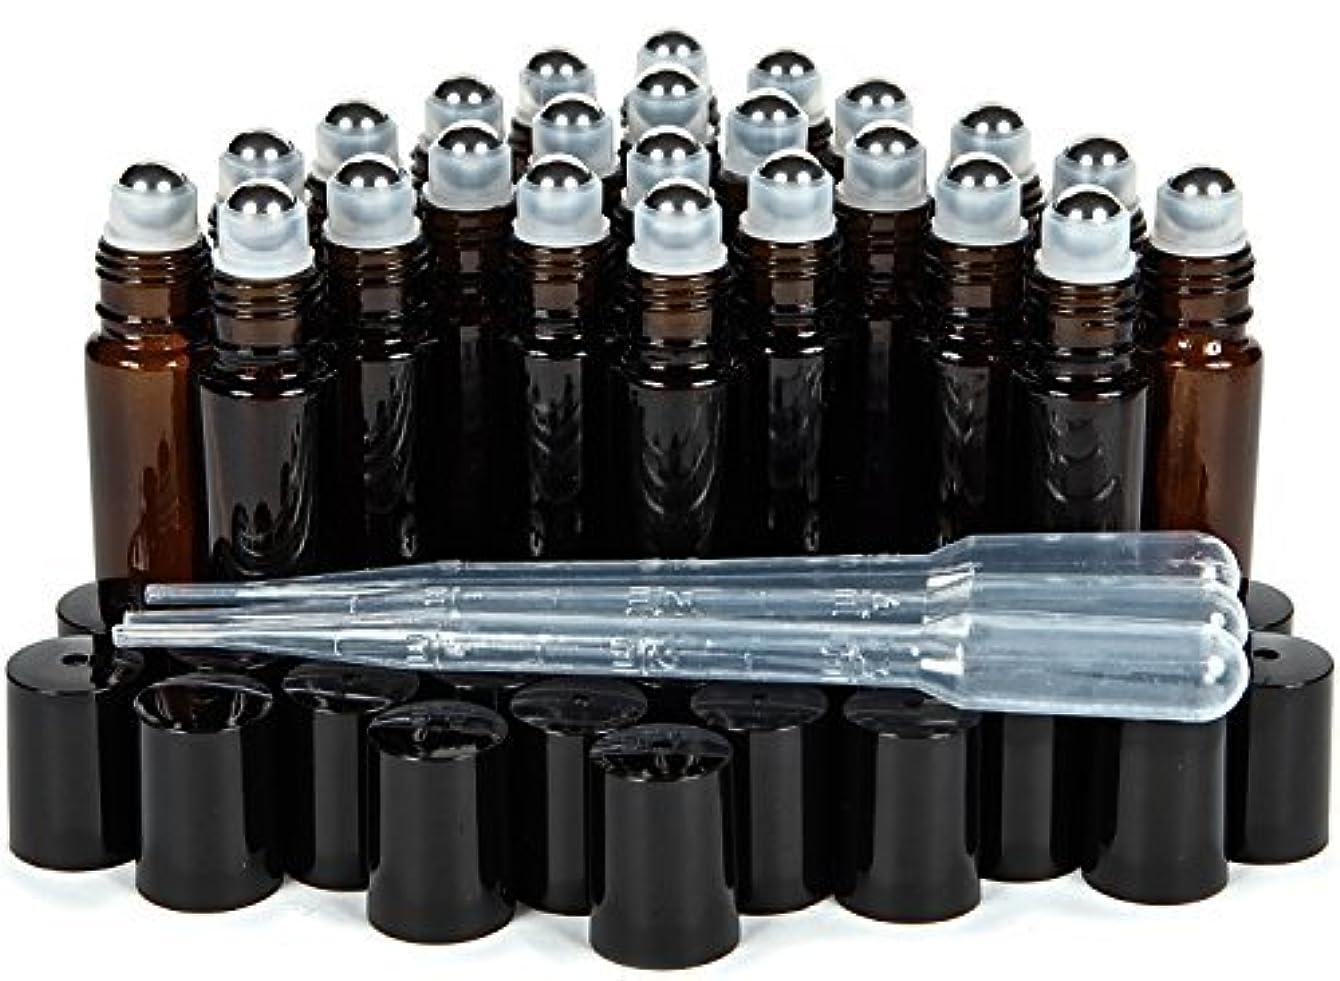 正規化楽観中止しますVivaplex, 24, Amber, 10 ml Glass Roll-on Bottles with Stainless Steel Roller Balls. 3-3 ml Droppers included [...